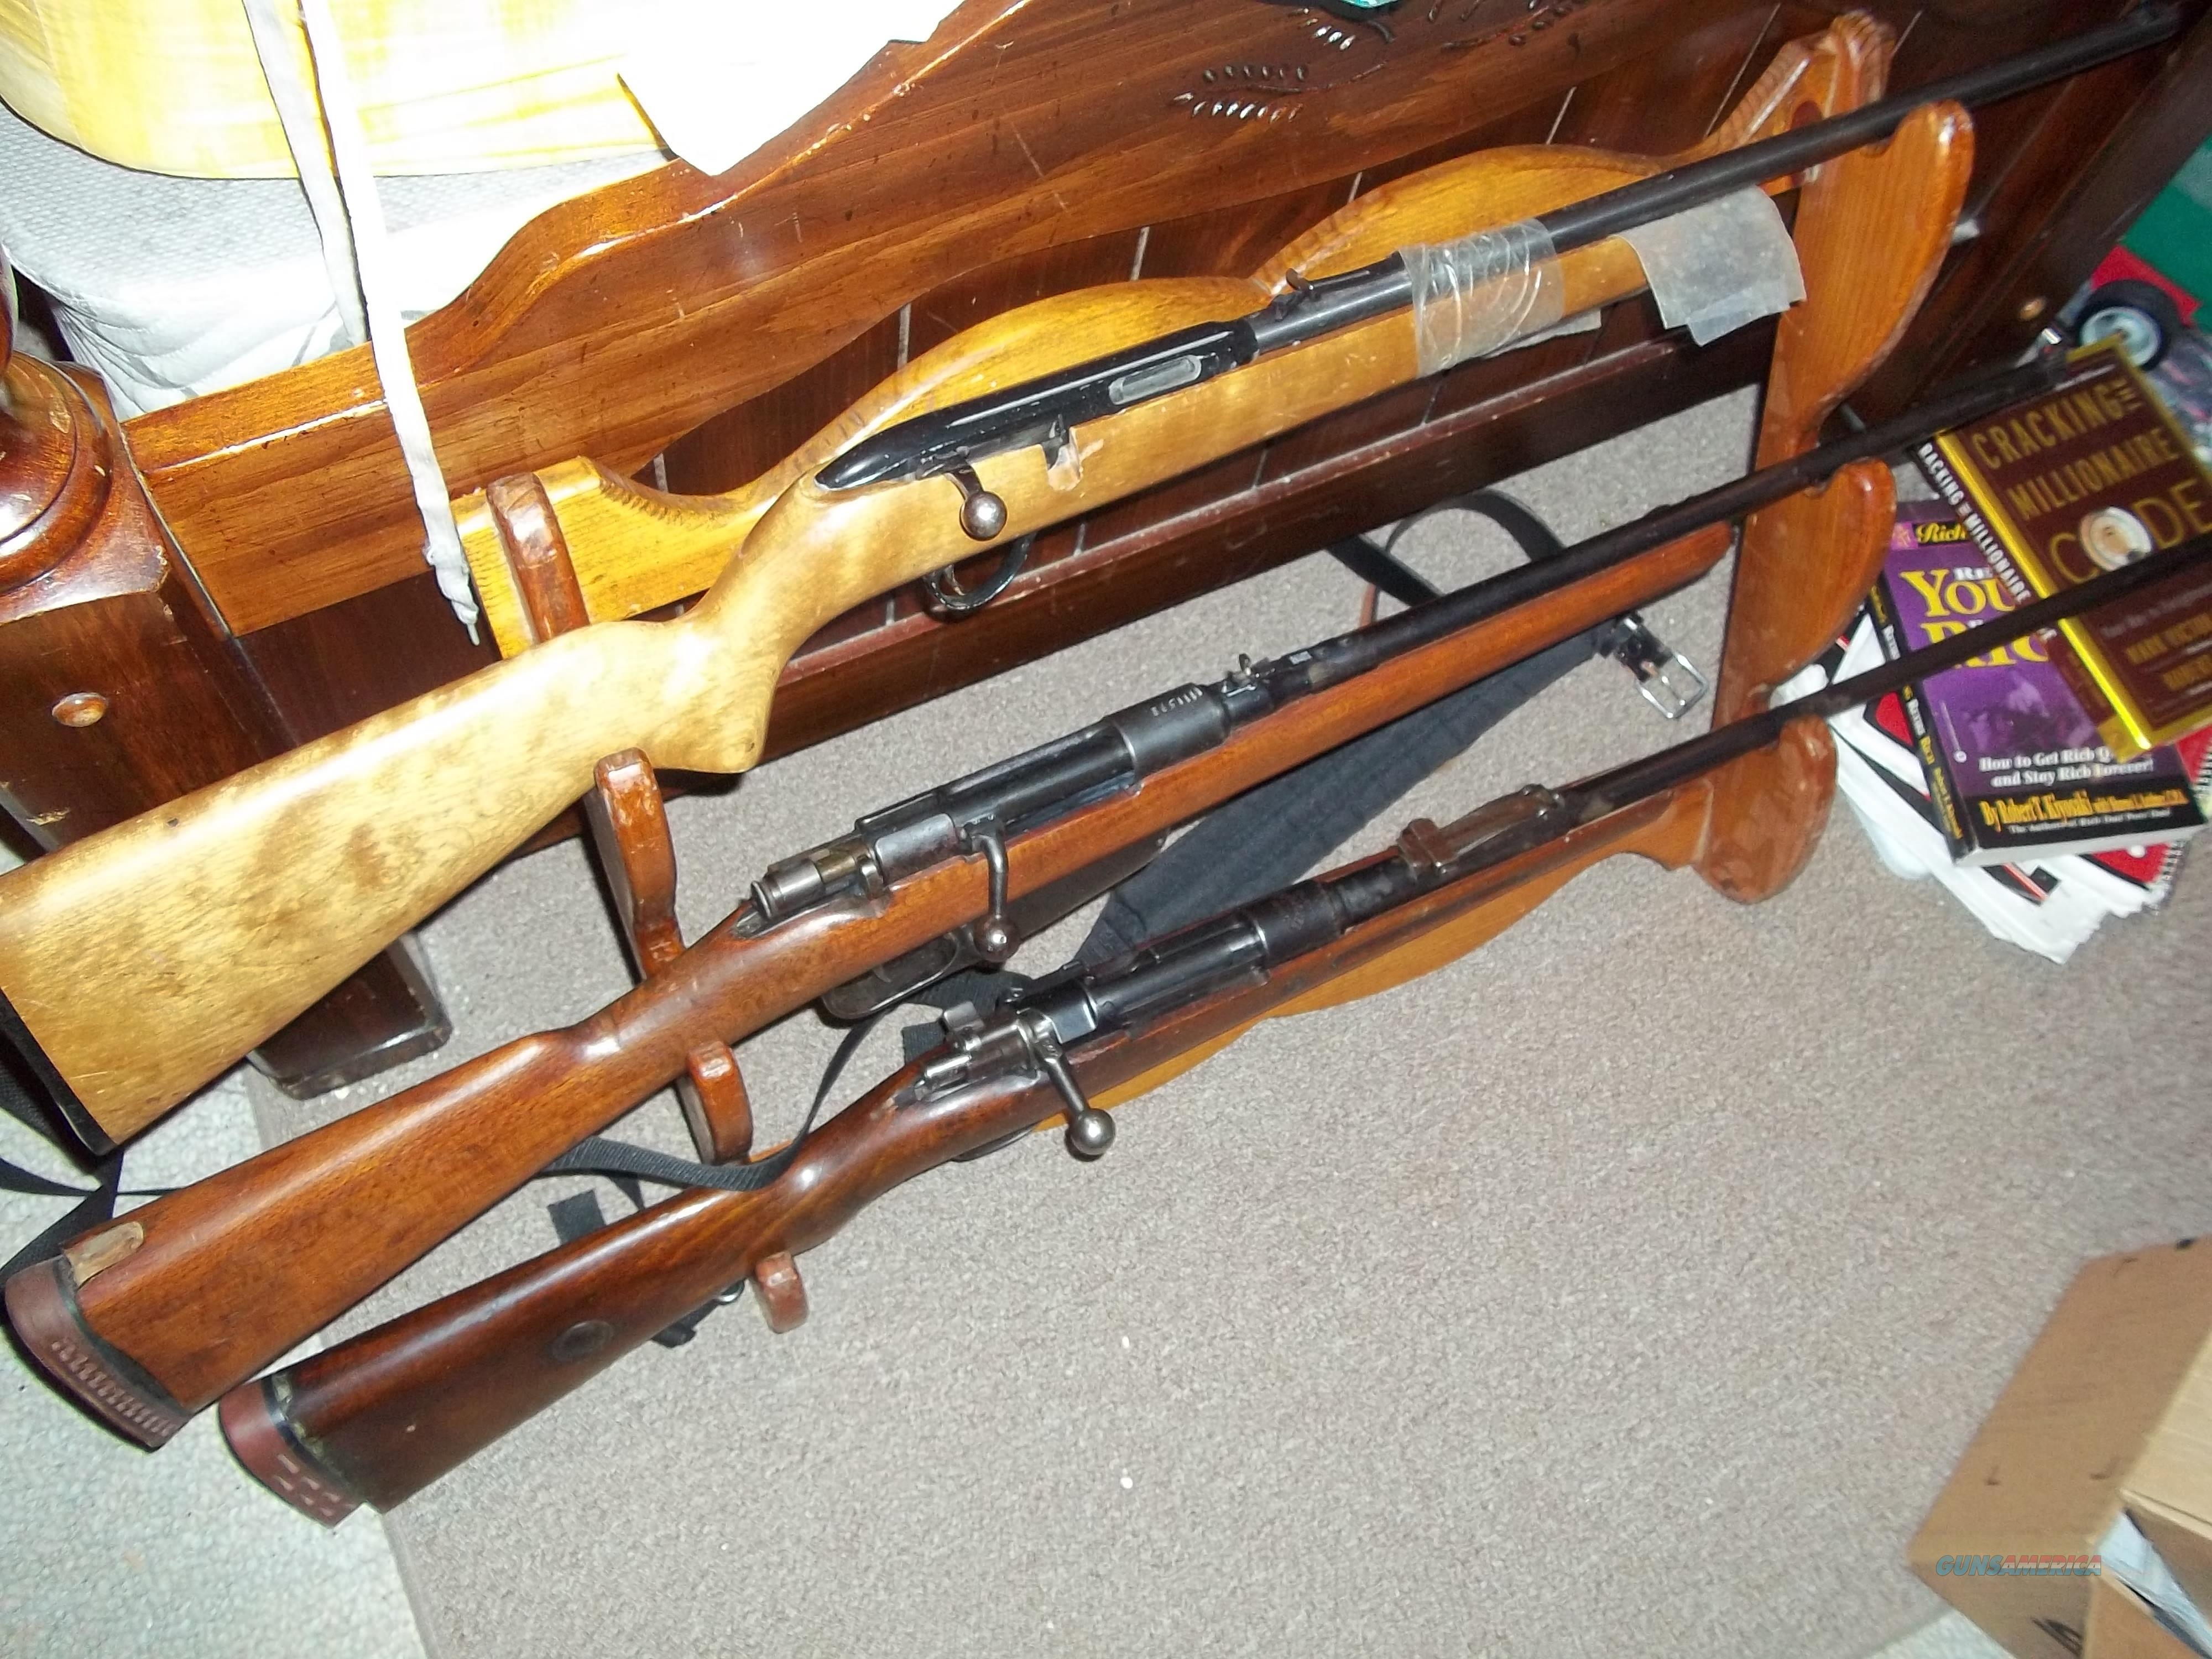 Sears 783 22LR PROJECT  Guns > Rifles > Savage Rifles > Rimfire